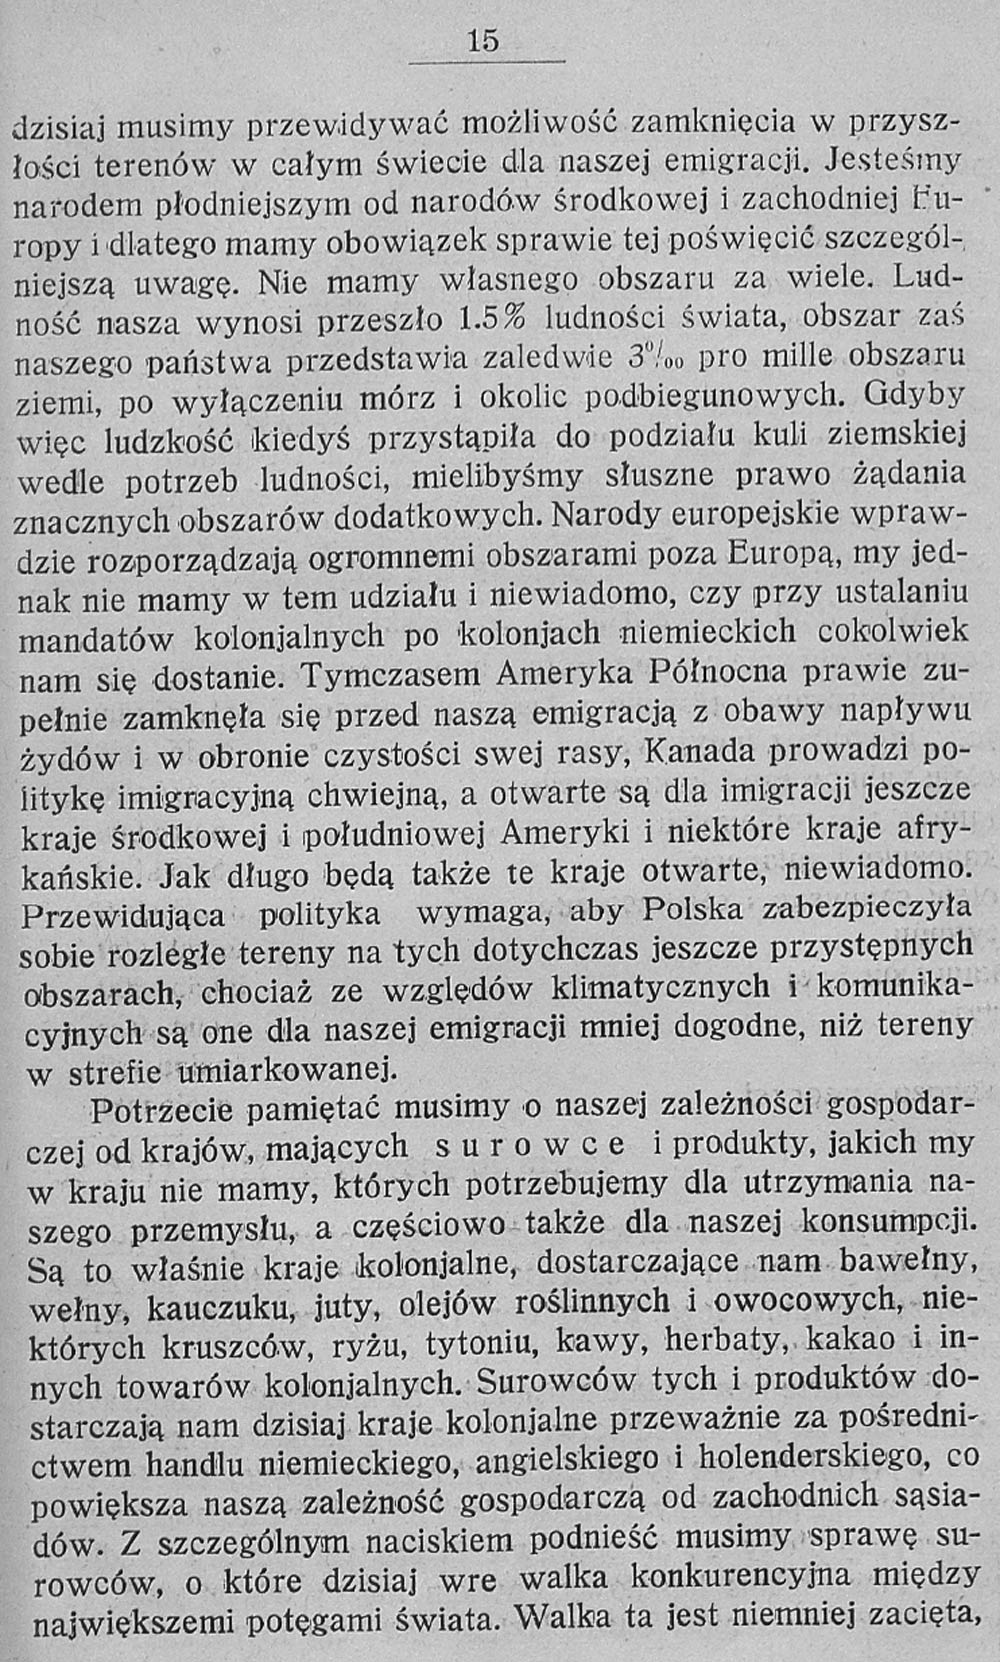 Emigracja i jej rola w gospodarstwie narodowem / Stanisław Głąbiński. - Warszawa:nakładem Naukowego Instytutu Emigracyjnego i Kolonjalnego. - 1931